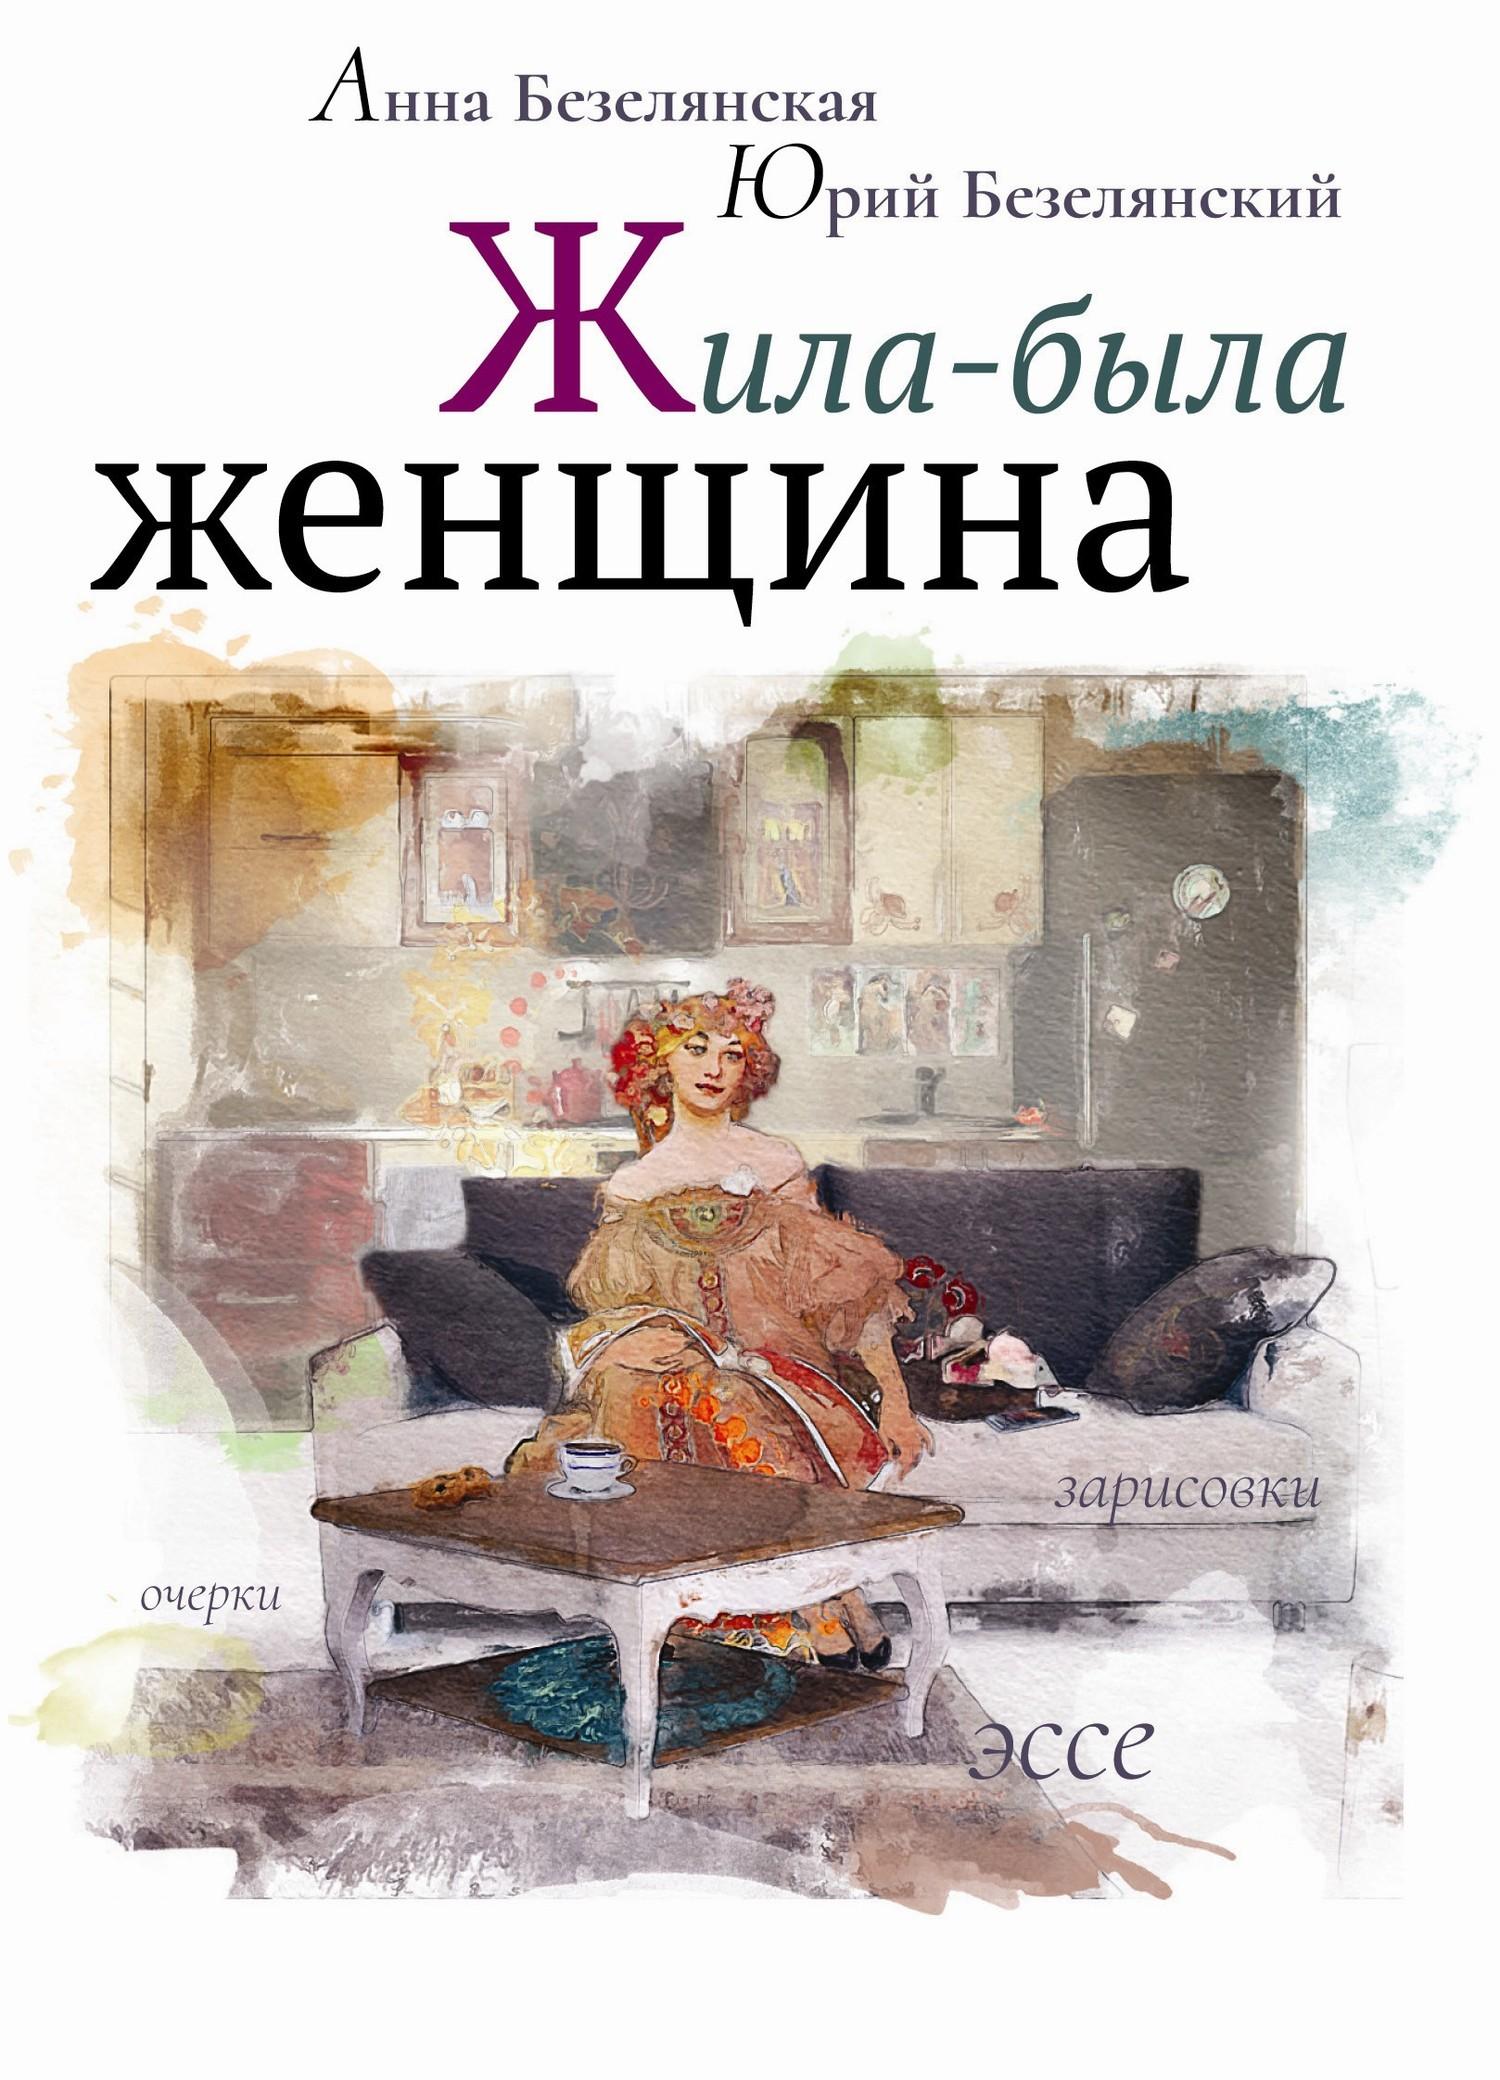 Книга Жила-была женщина (сборник)